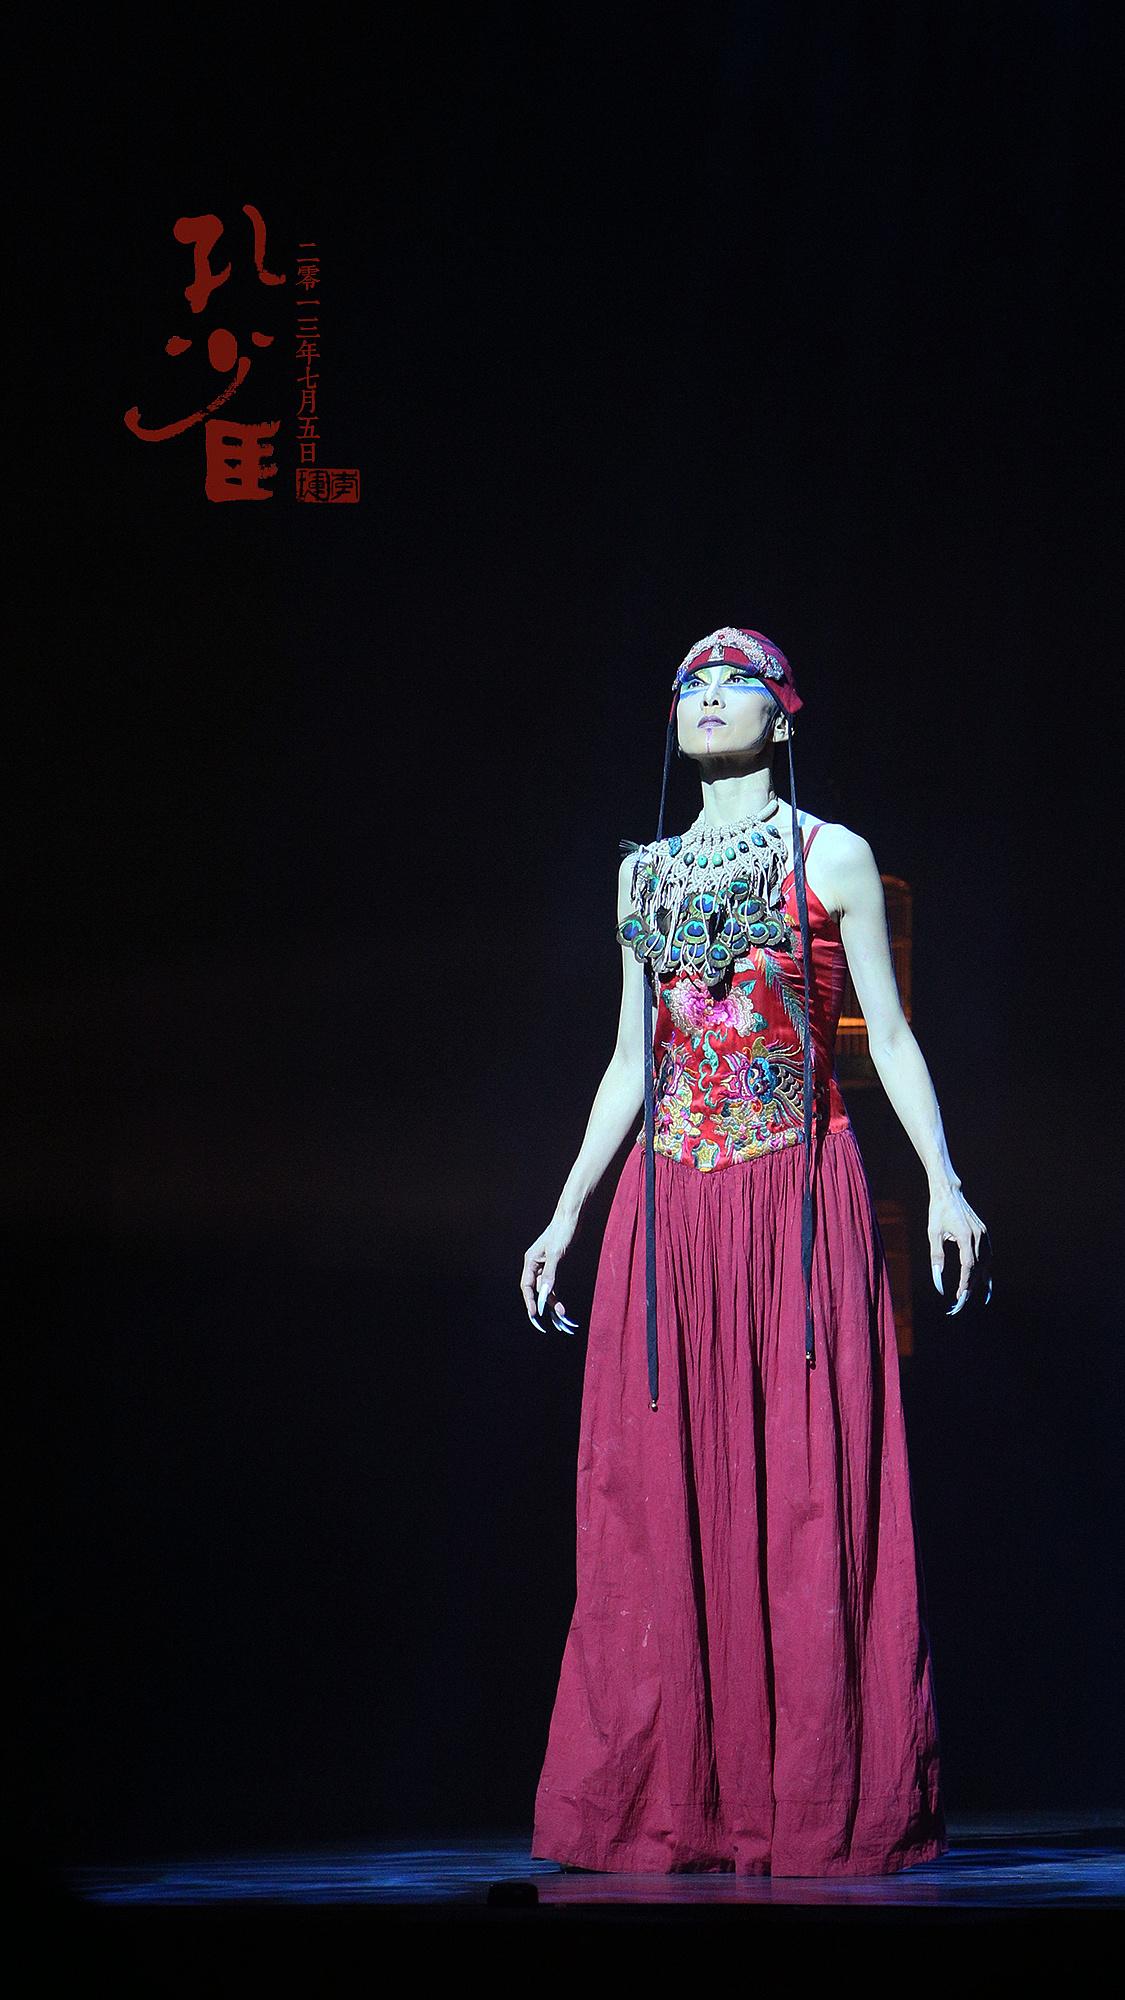 【剧场】杨丽萍舞蹈剧《孔雀》|摄影|人文/纪实|hobi